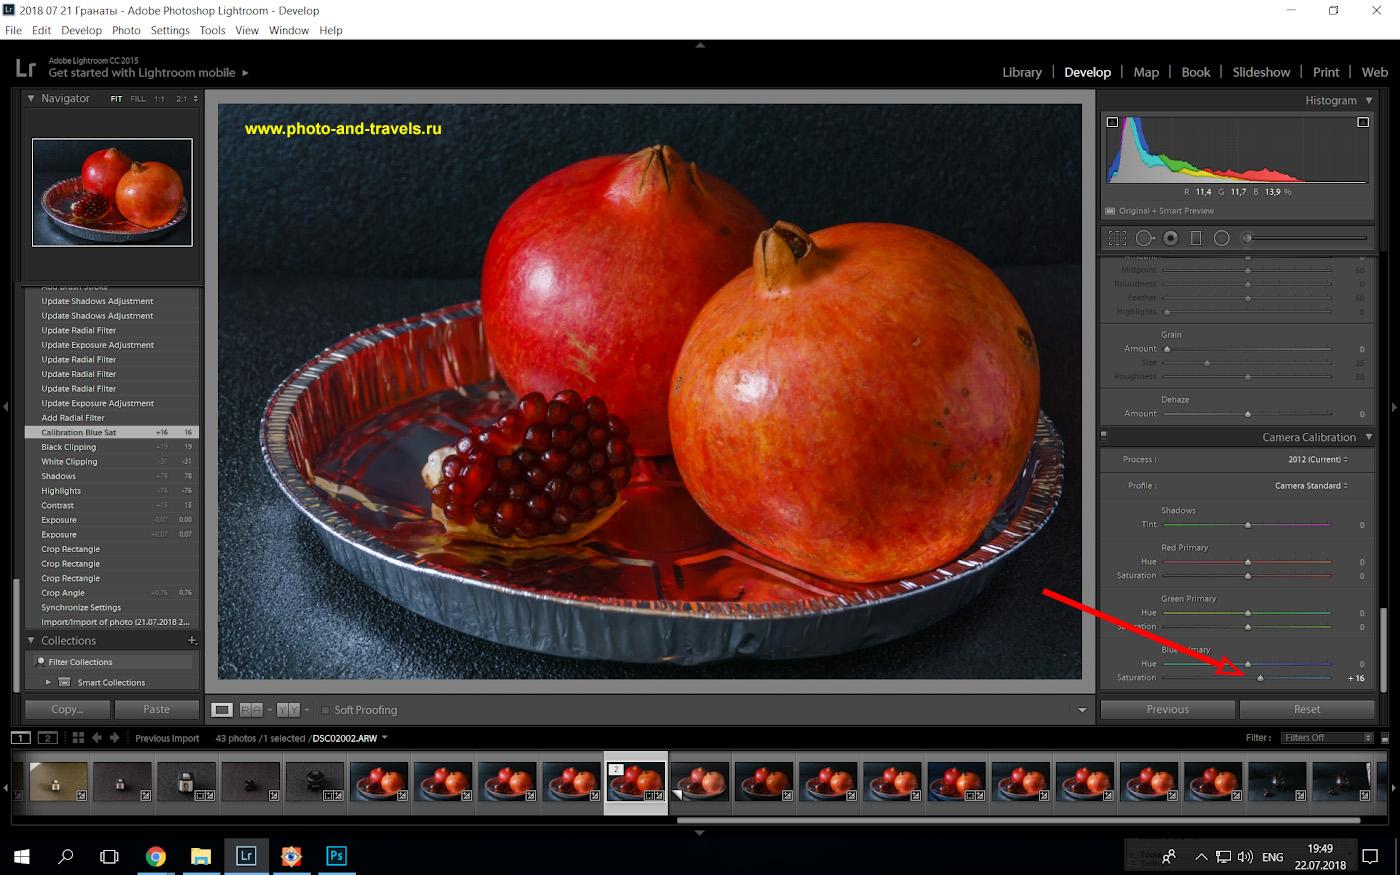 Фото 19. Тонирование фона в нашем натюрморте в холодный цвет путем добавления насыщенности синего в разделе «Camera calibration» программы «Lightroom». Учимся обрабатывать снимки с Sony A6000.